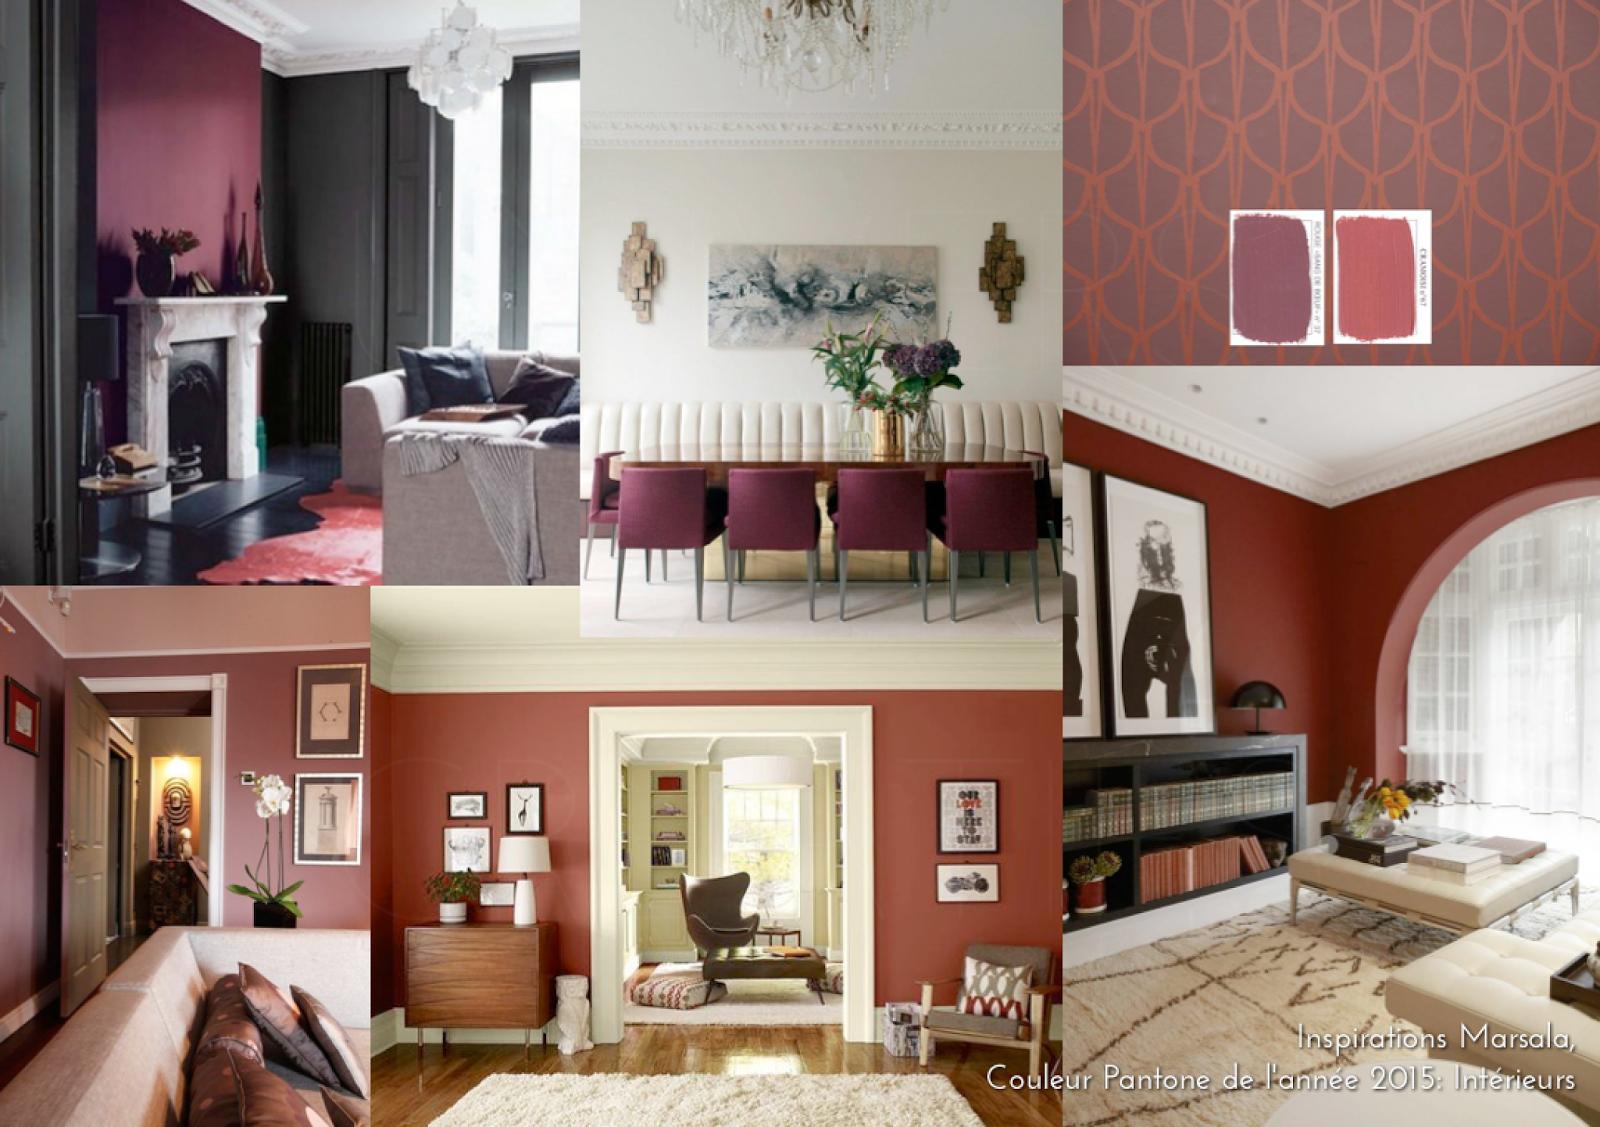 Inspirations Marsala, couleur Pantone de l\'année 2015 : Intérieurs ...